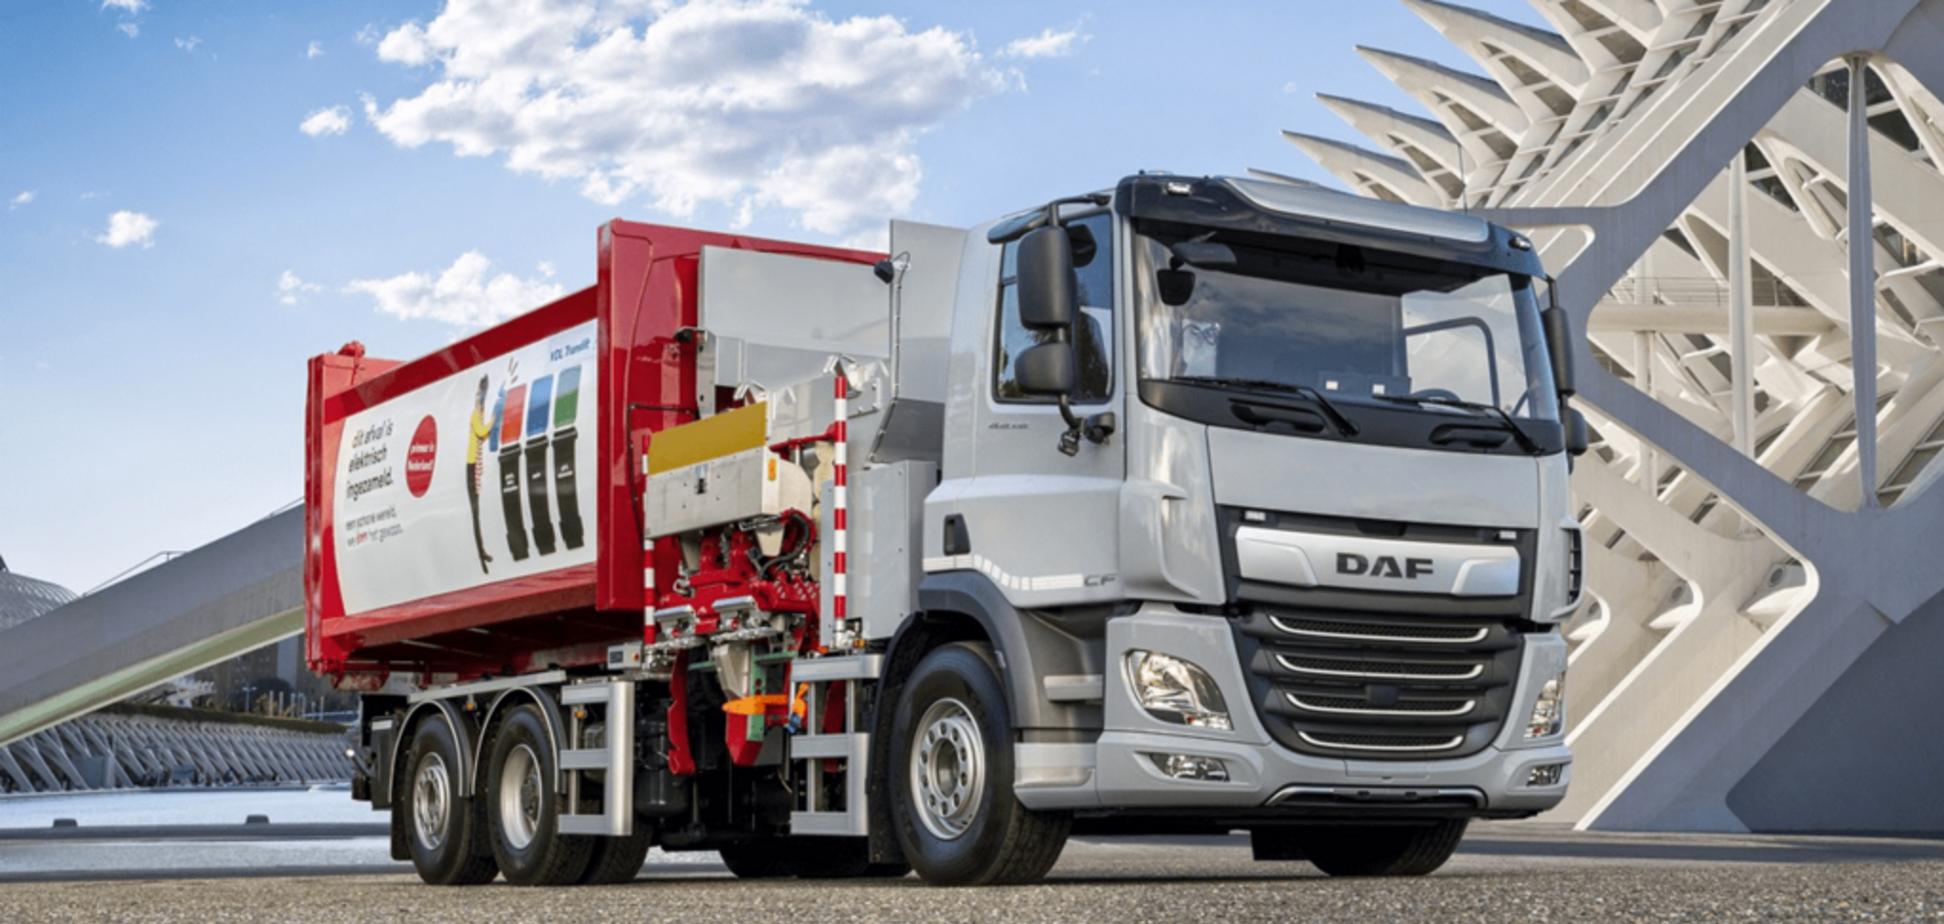 В Европе утилизацию отходов доверили сверхмощным электромобилям: фото